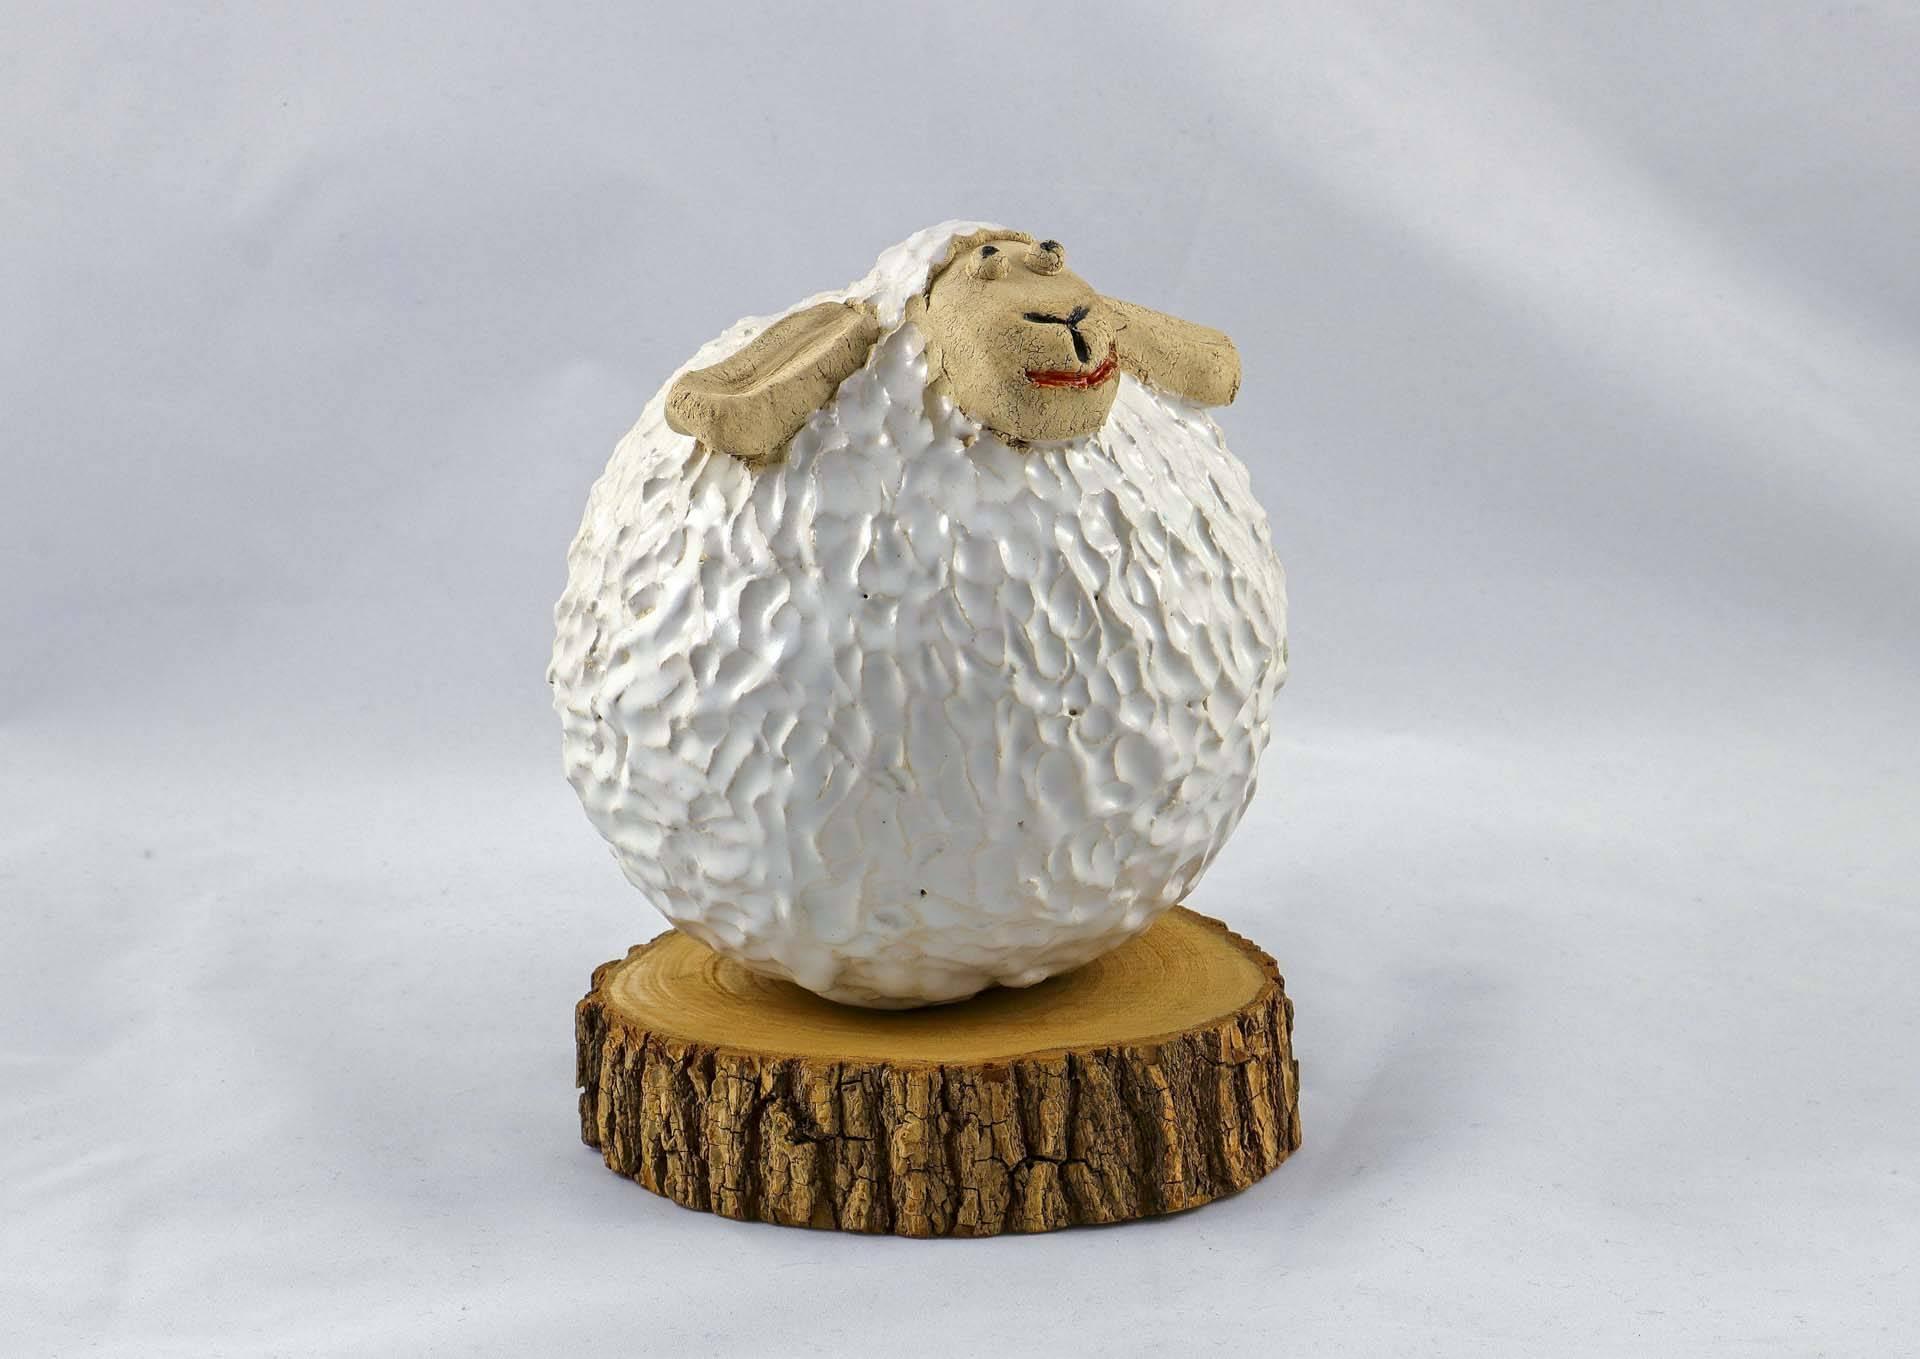 Petra Zobl Keramik - Schaf gr zirkonweiß unglasiert Manganspinell